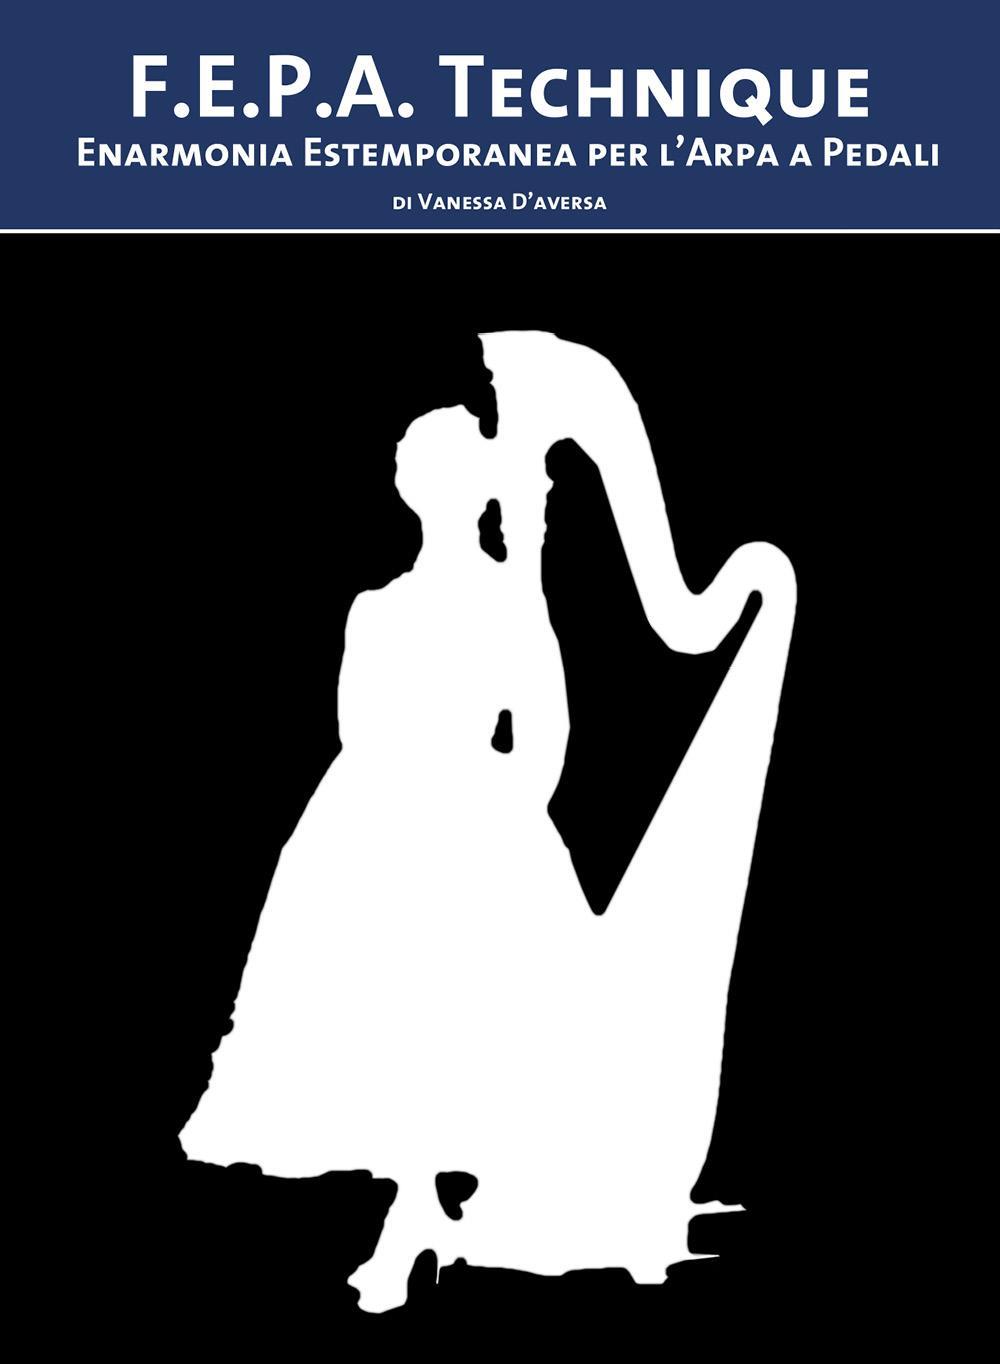 F.E.P.A. Technique - Enarmonia Estemporanea per l'Arpa a Pedali